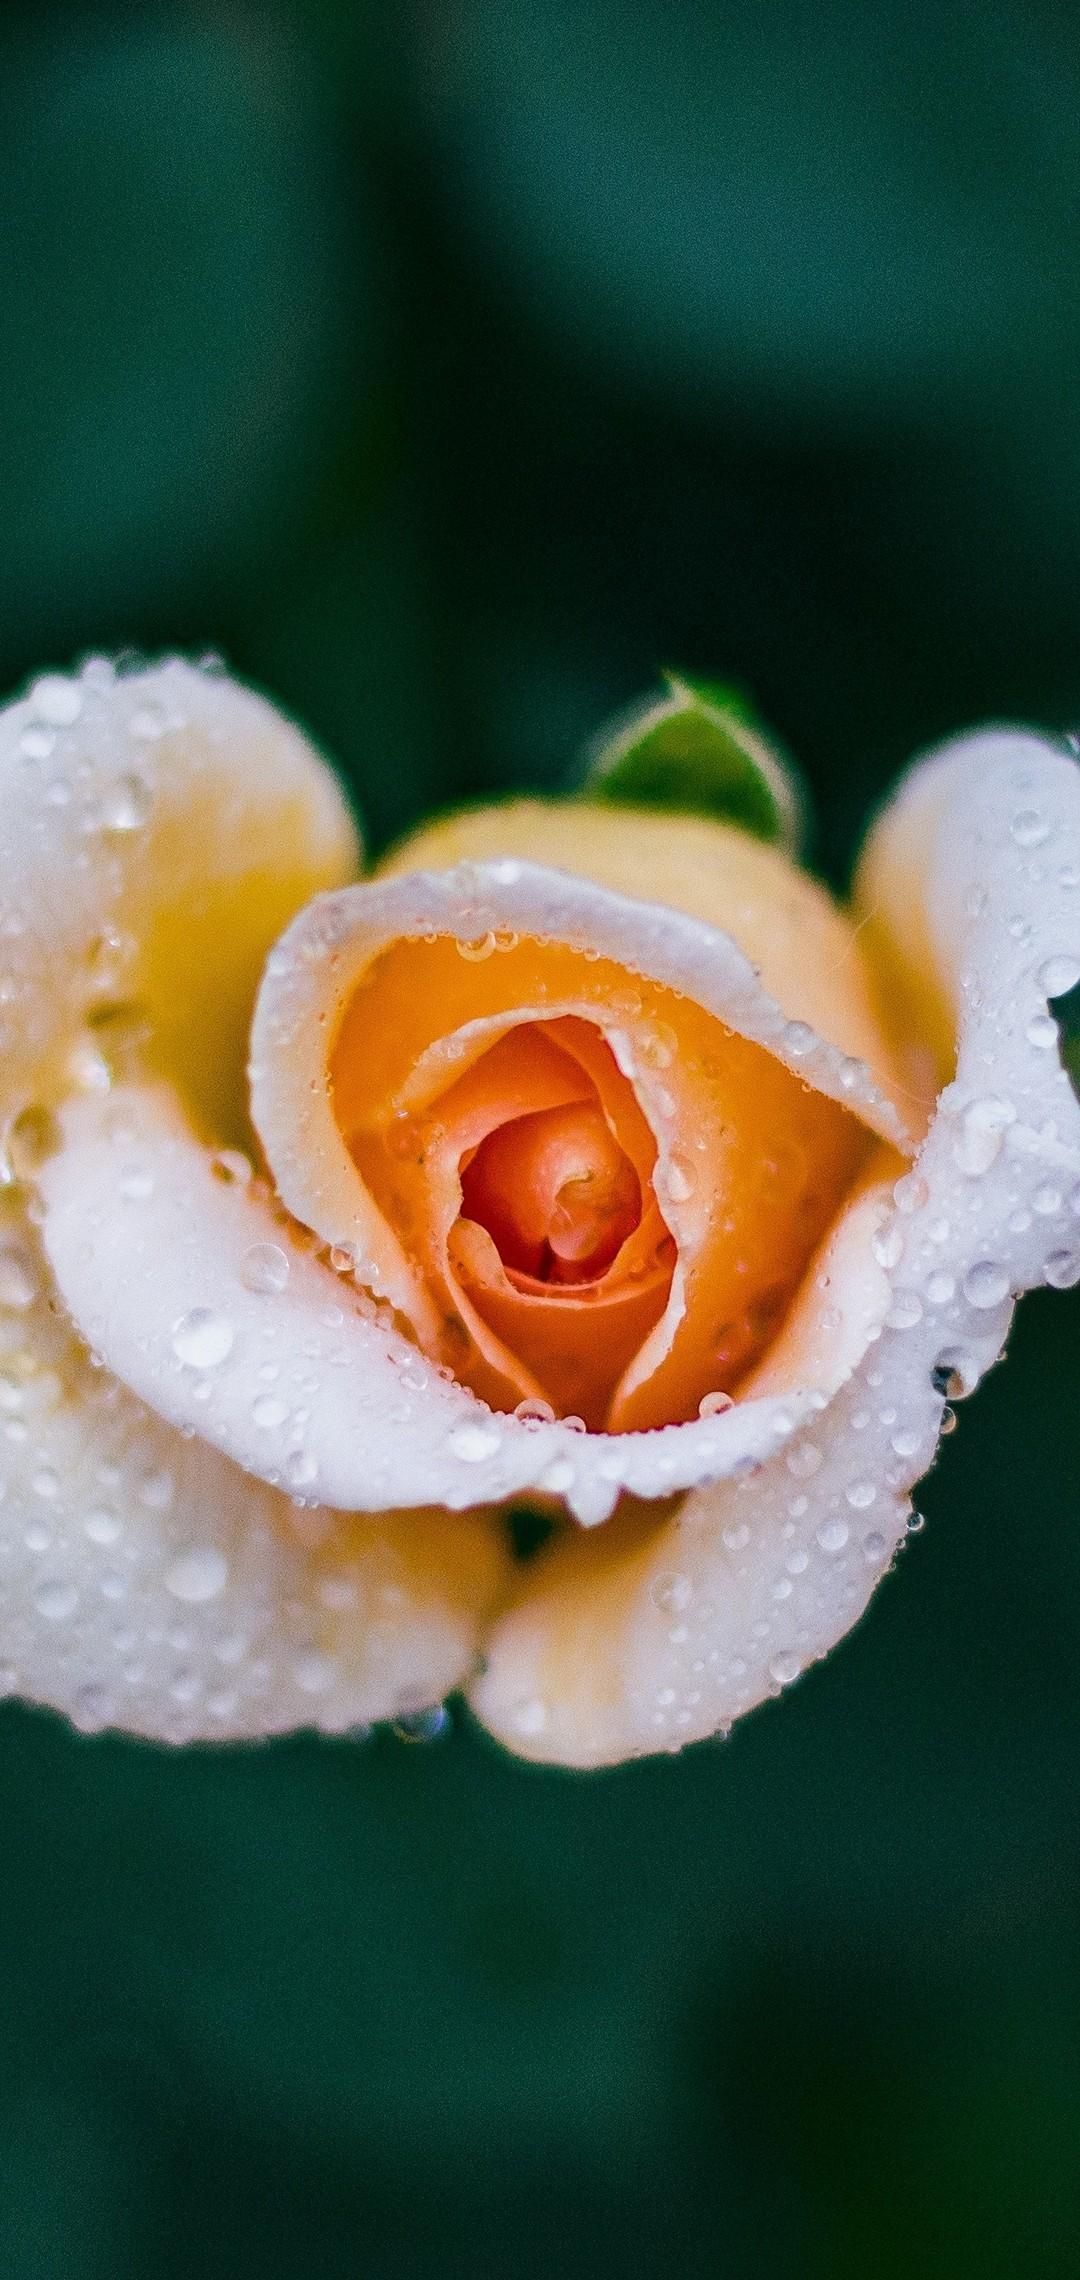 Hình nền Samsung giọt nước trên hoa hồng